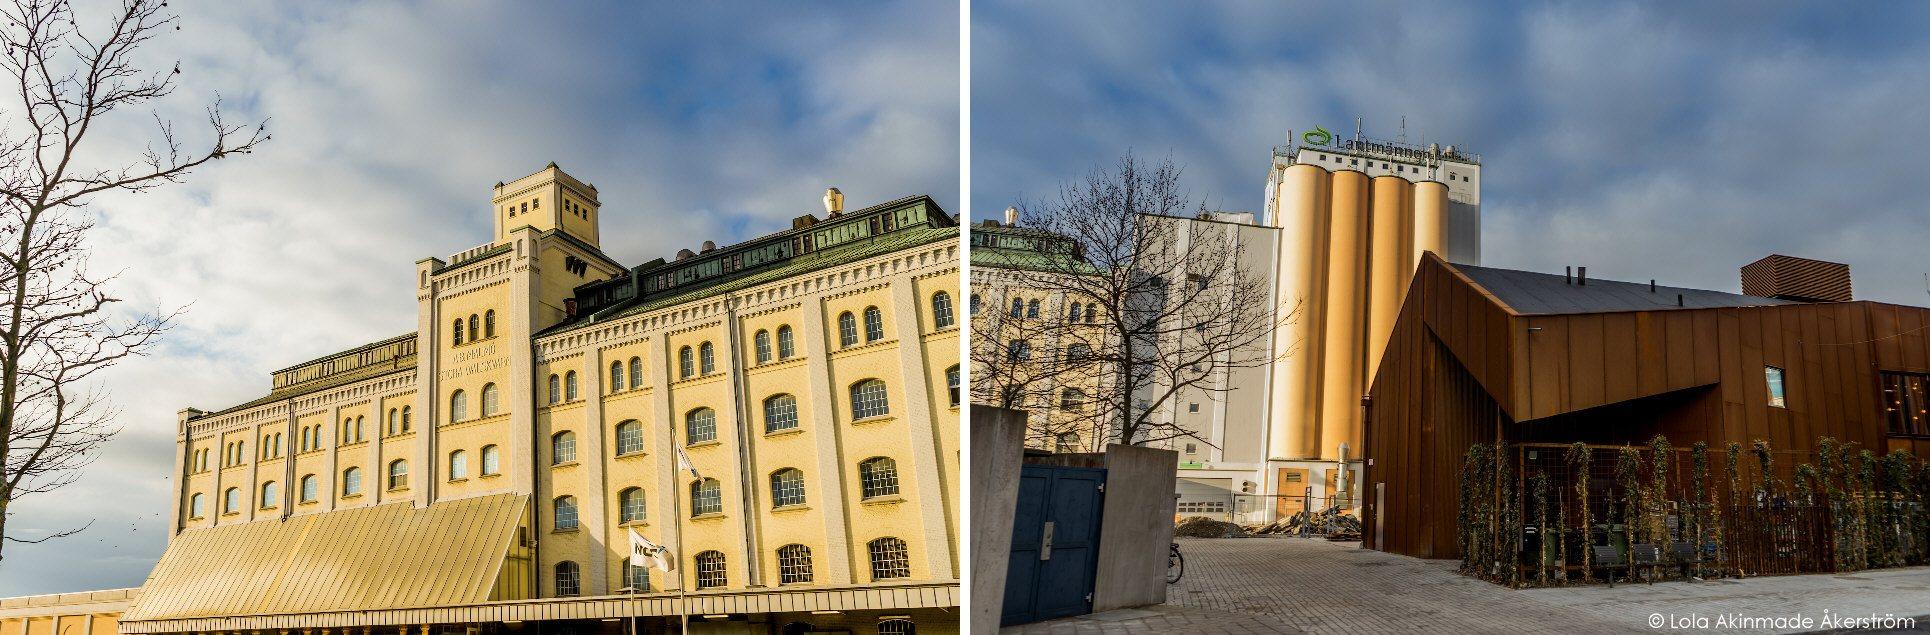 Malmo Sweden - Malmo images - Malmo photos - Malmö Sweden